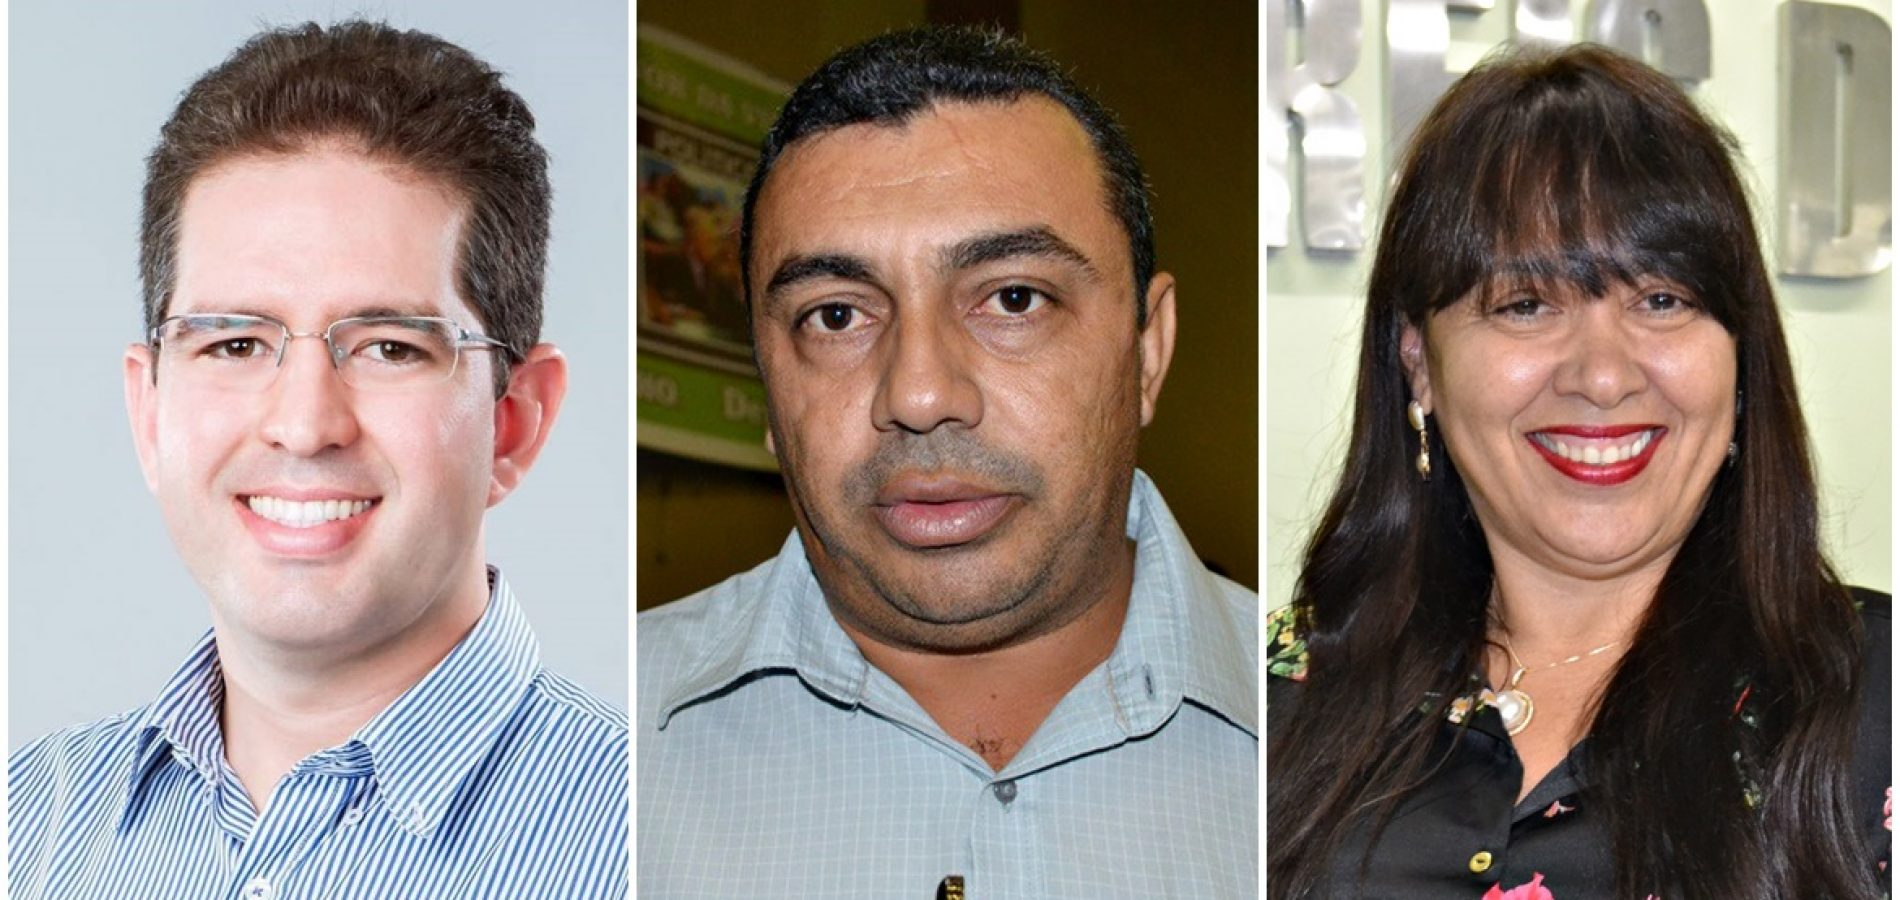 Candidatos a prefeito de Jaicós só gastaram 20 mil reais em campanha, mostra TSE